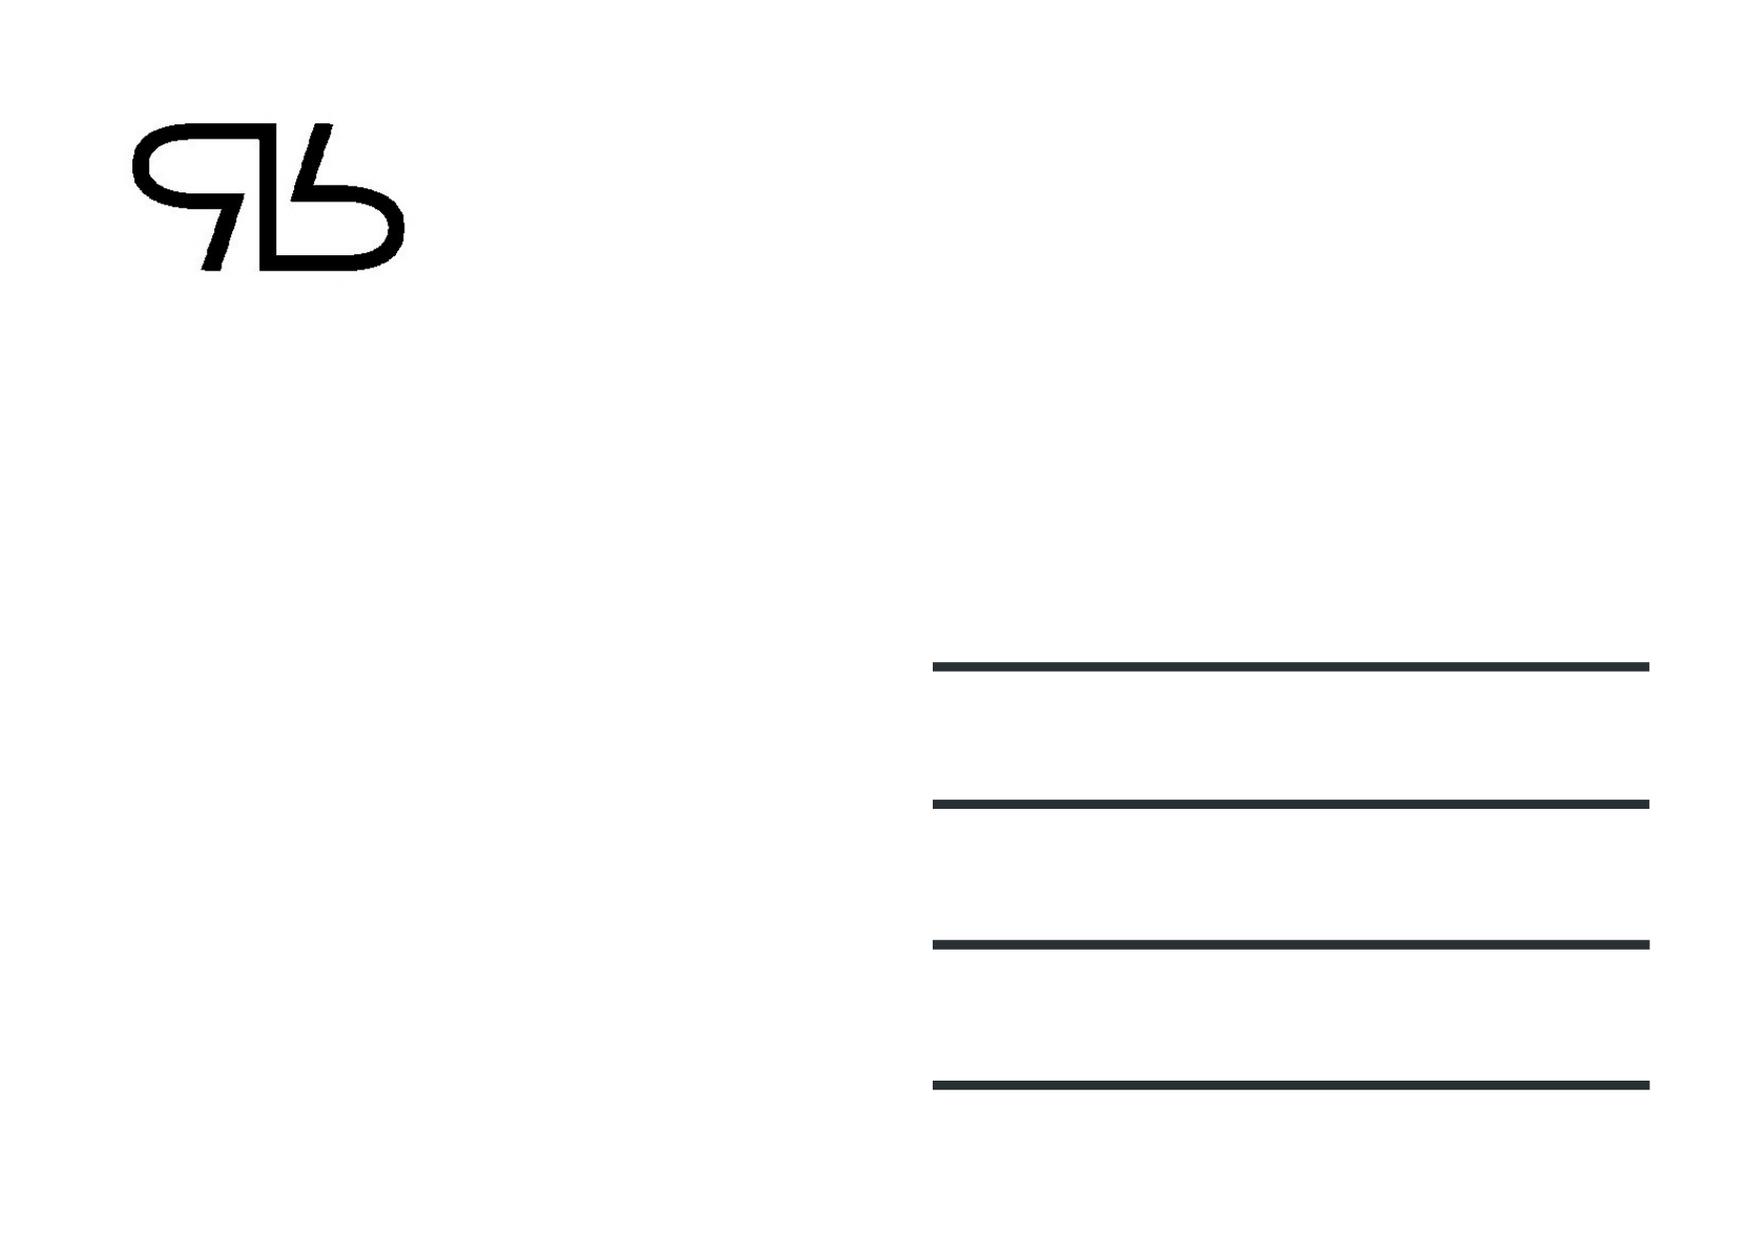 Rada Krivokapic Radonjic razglednica (2)